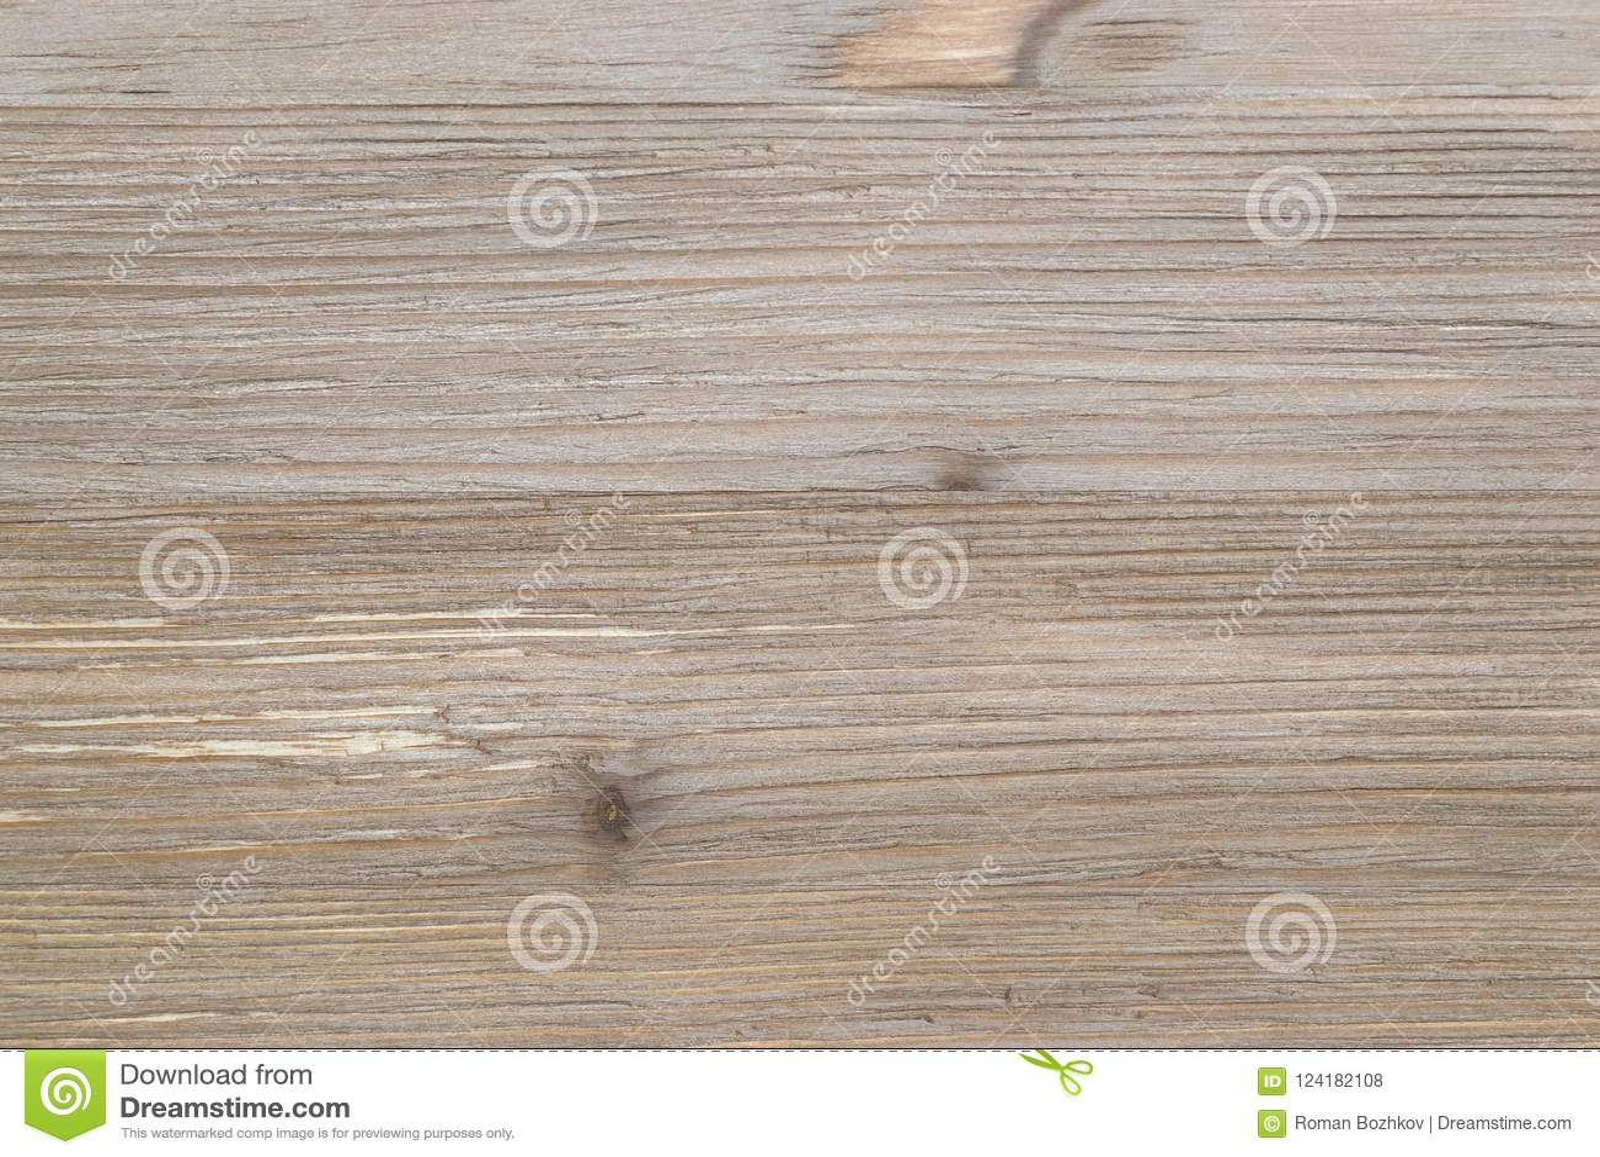 Oud rustiek kras en van de schade grijs houten textuur close-up als achtergrond